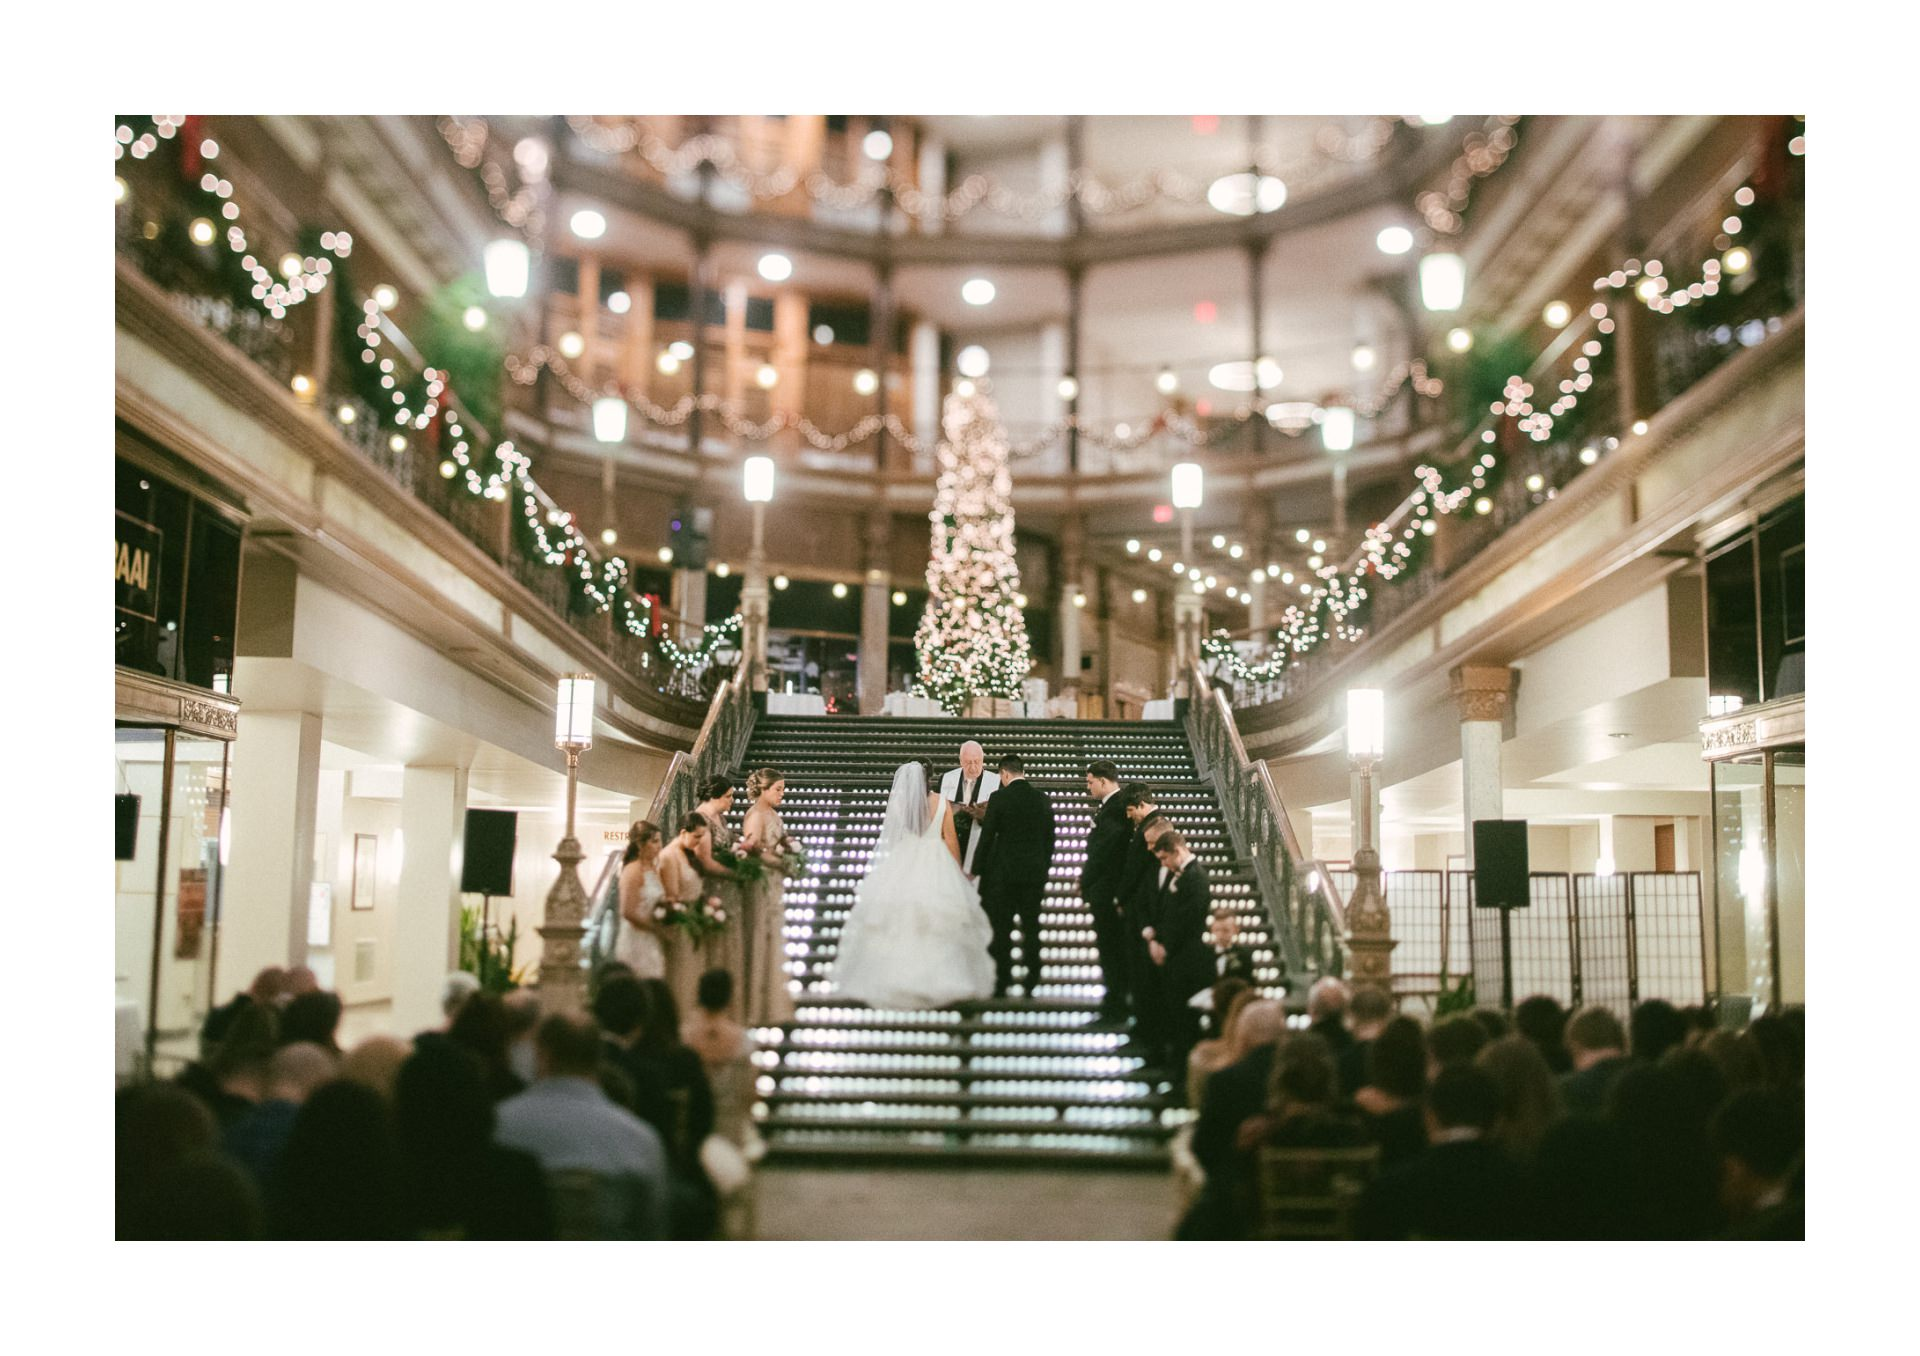 Hyatt Old Arcade Wedding Photographer in Cleveland 1 50.jpg